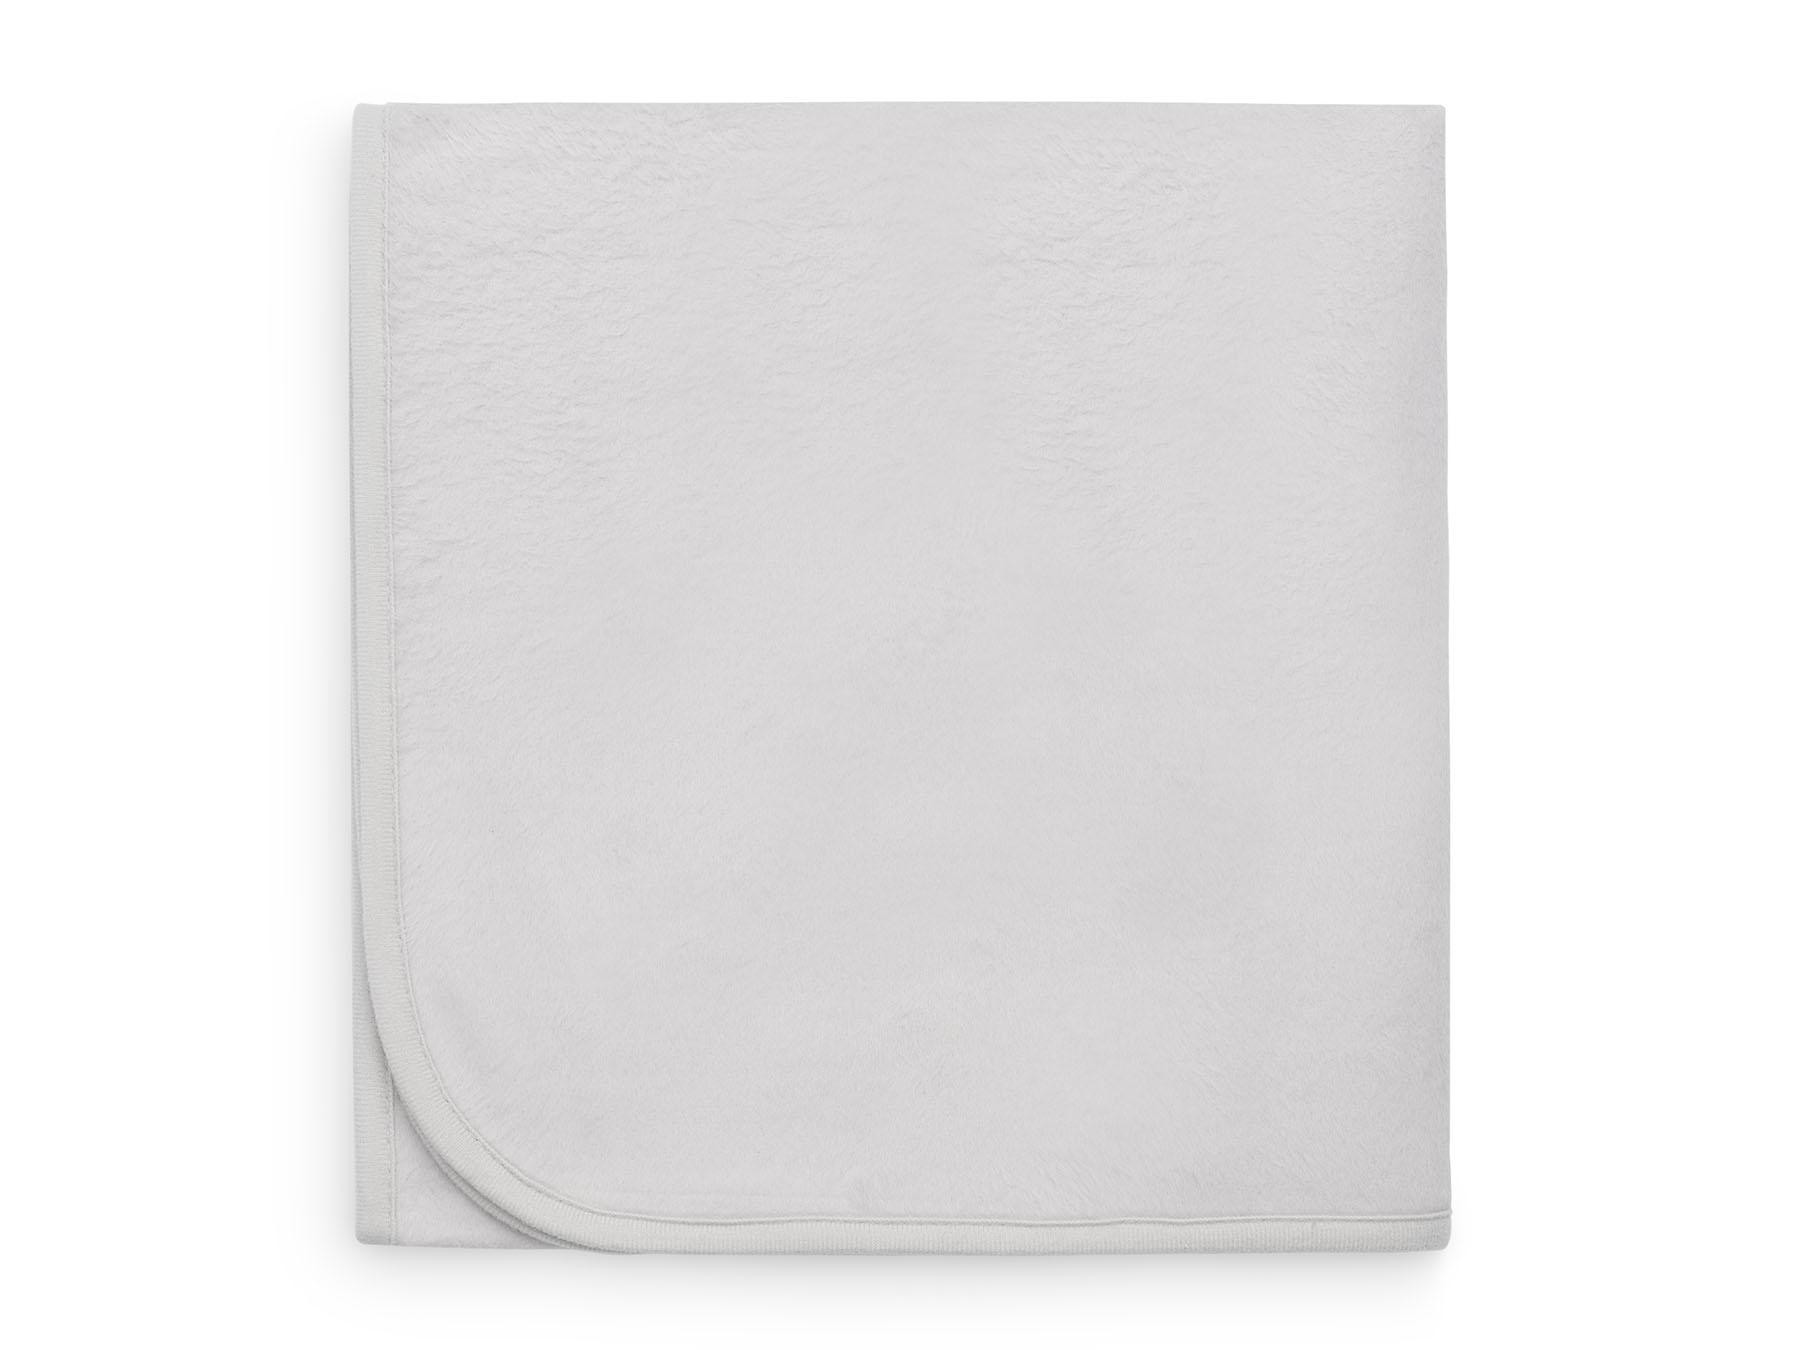 Babydecke Basic soft grau (75x100 cm)